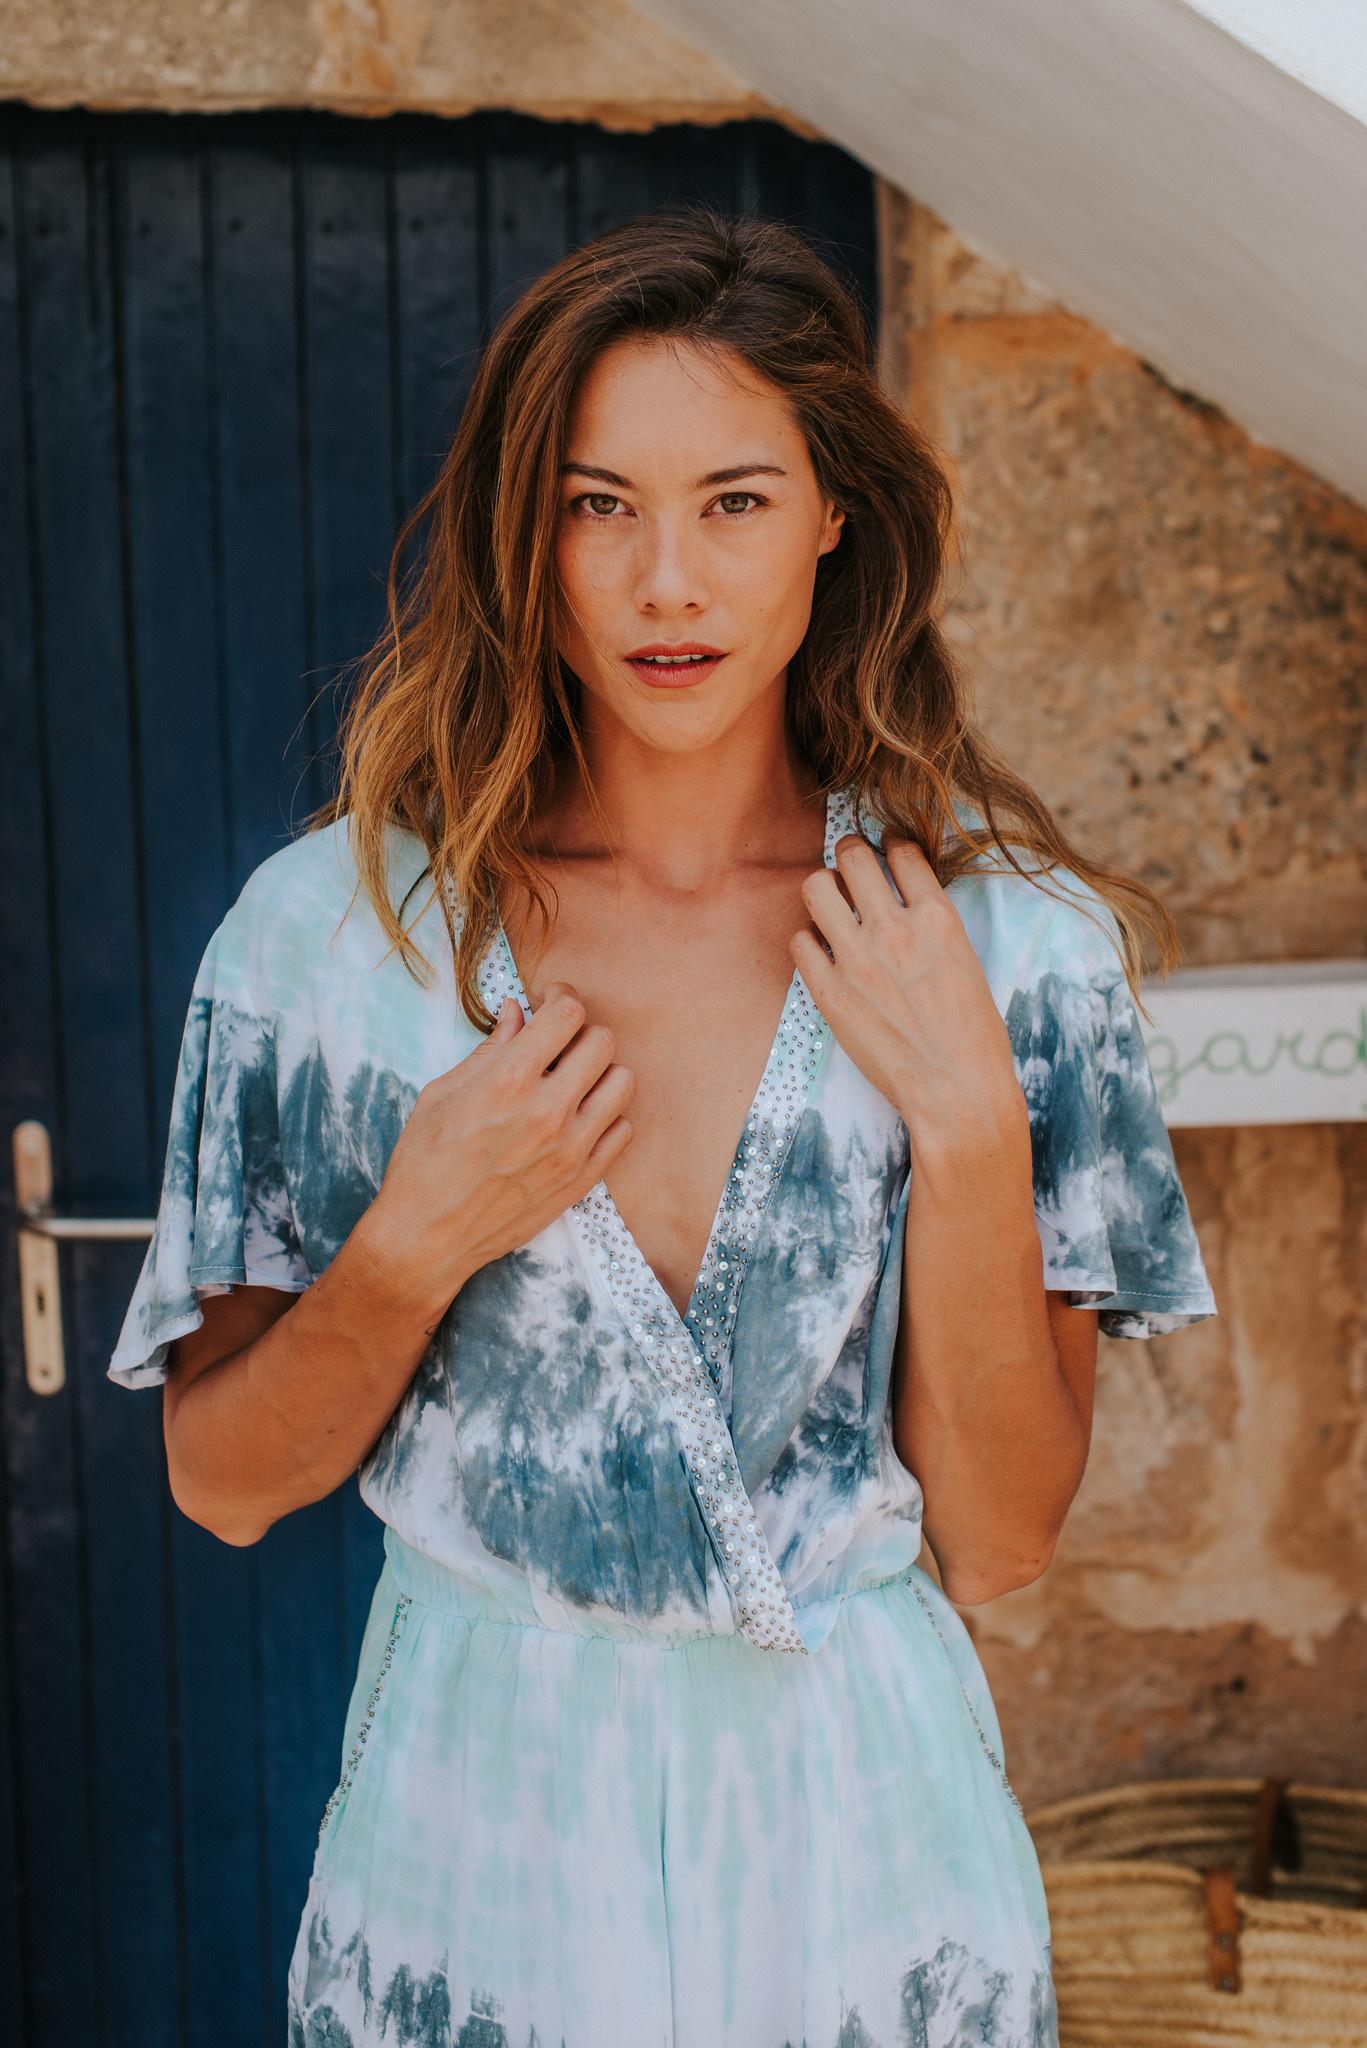 Ibiza fashion in hippie style